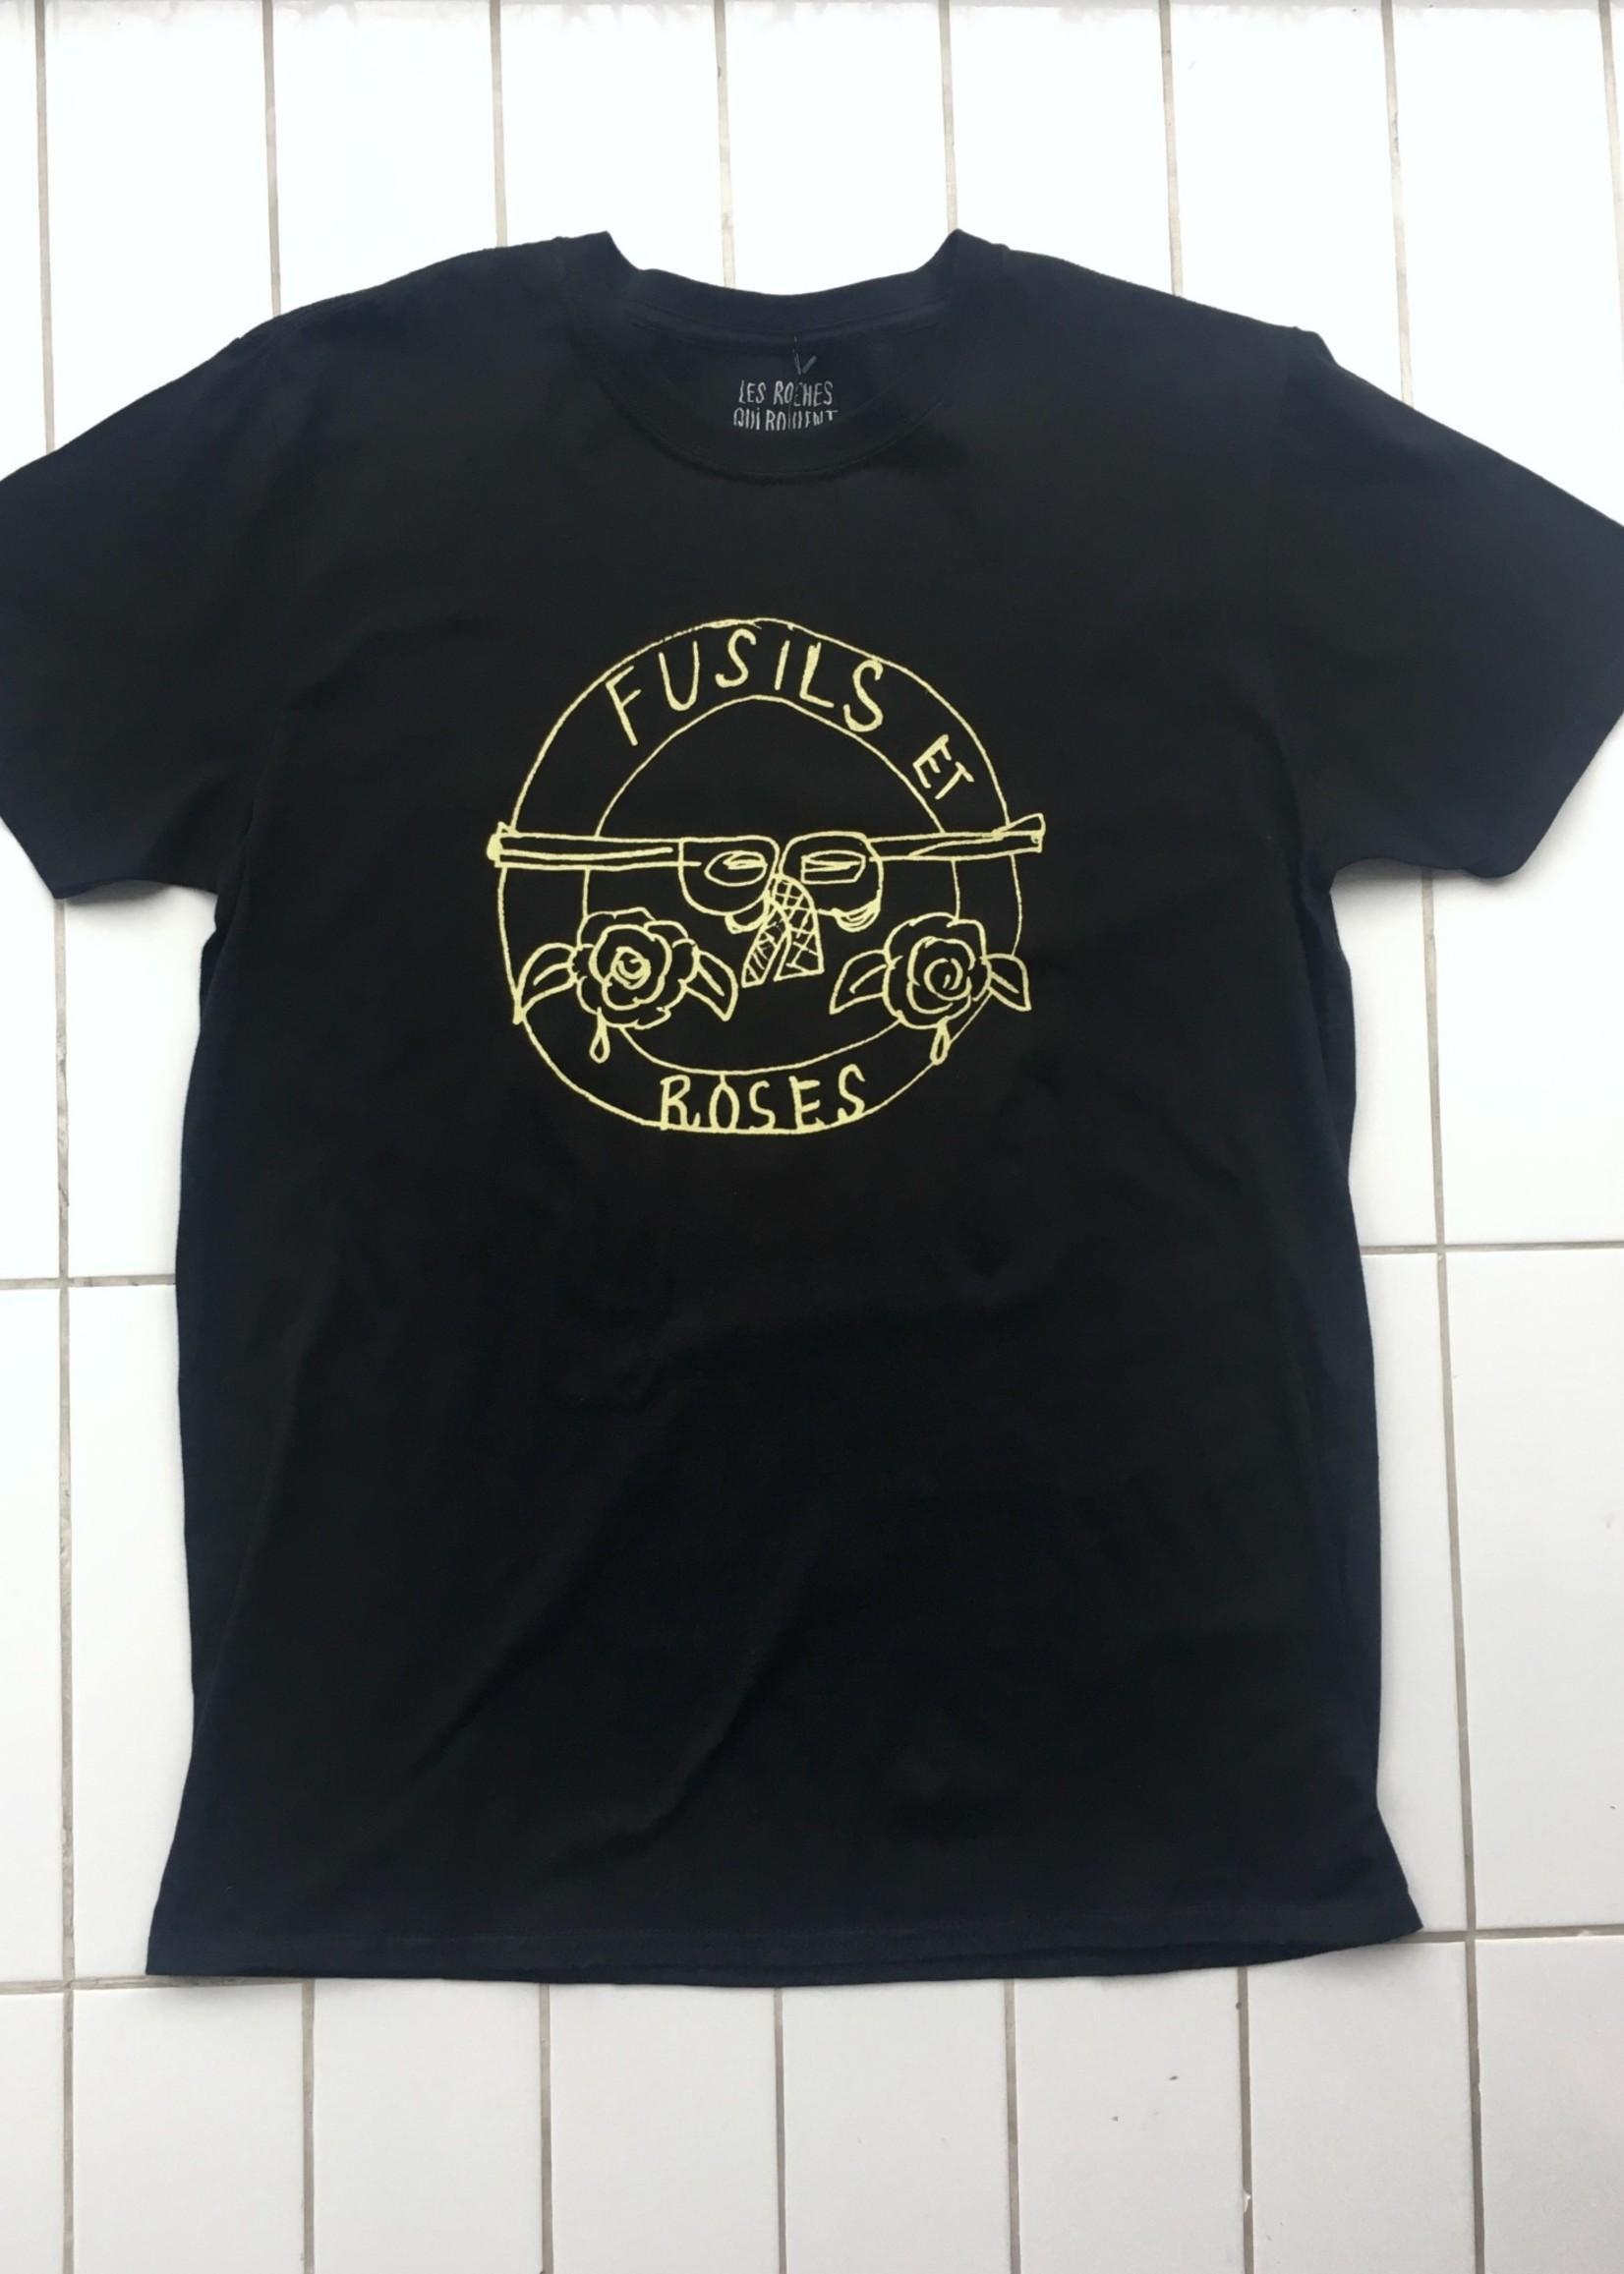 Les Roches Qui Roulent T-shirt Fusils Et Roses